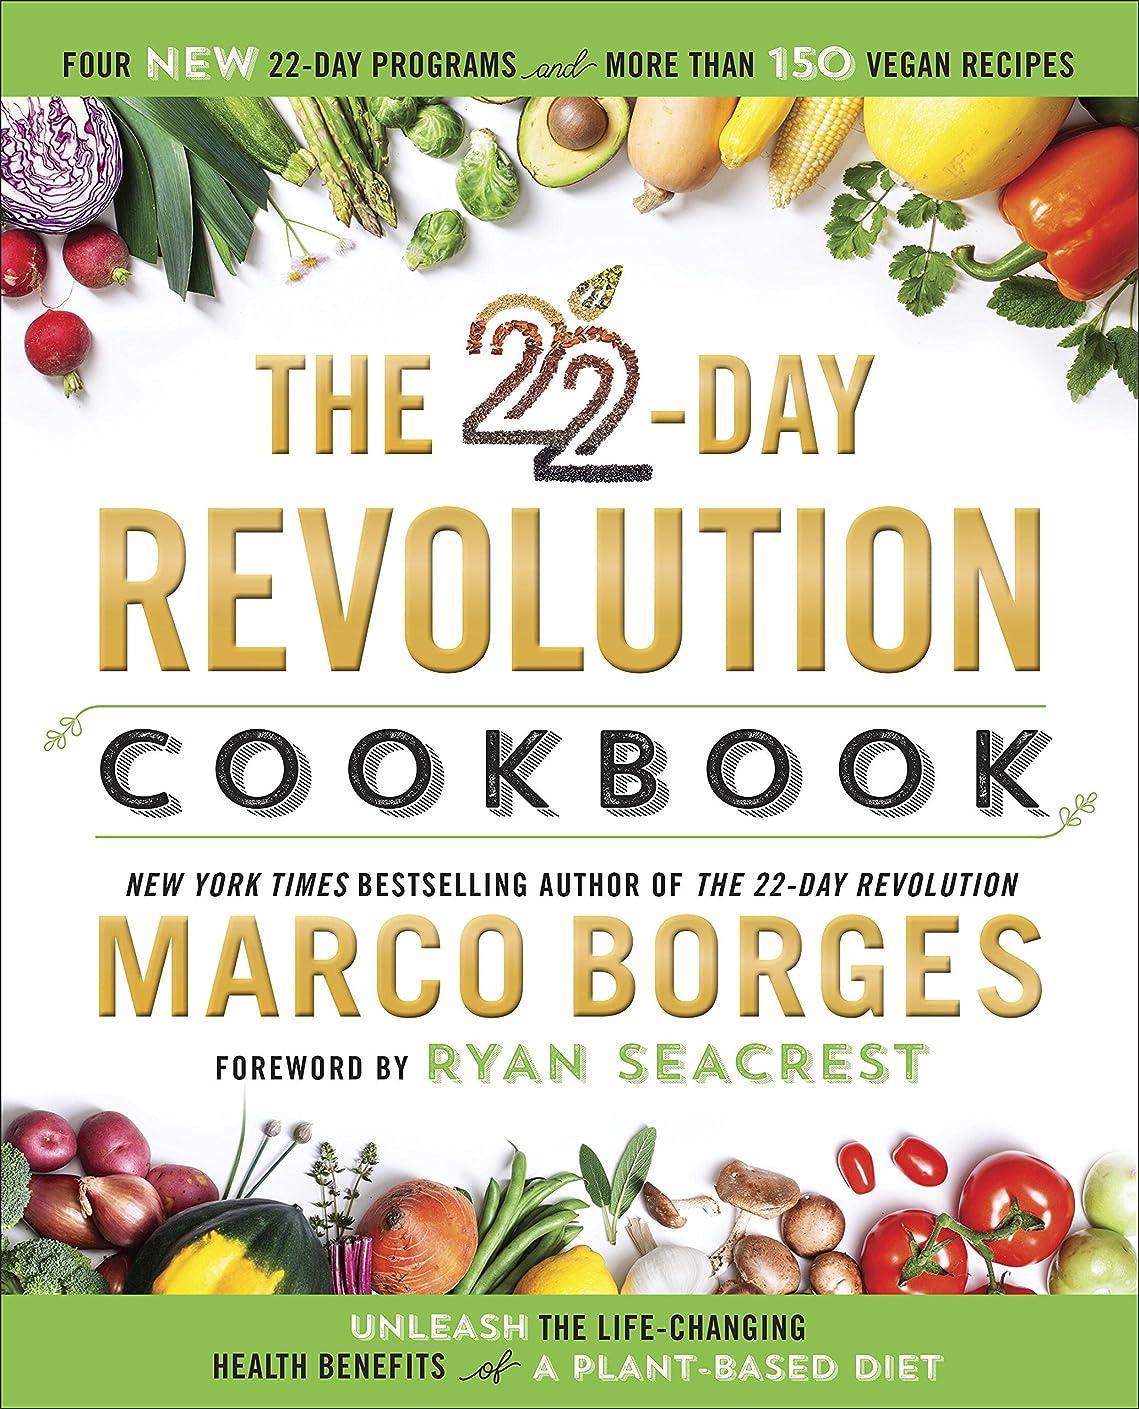 お気に入り黒板作成するThe 22-Day Revolution Cookbook: The Ultimate Resource for Unleashing the Life-Changing Health Benefits of a Plant-Based Diet (English Edition)